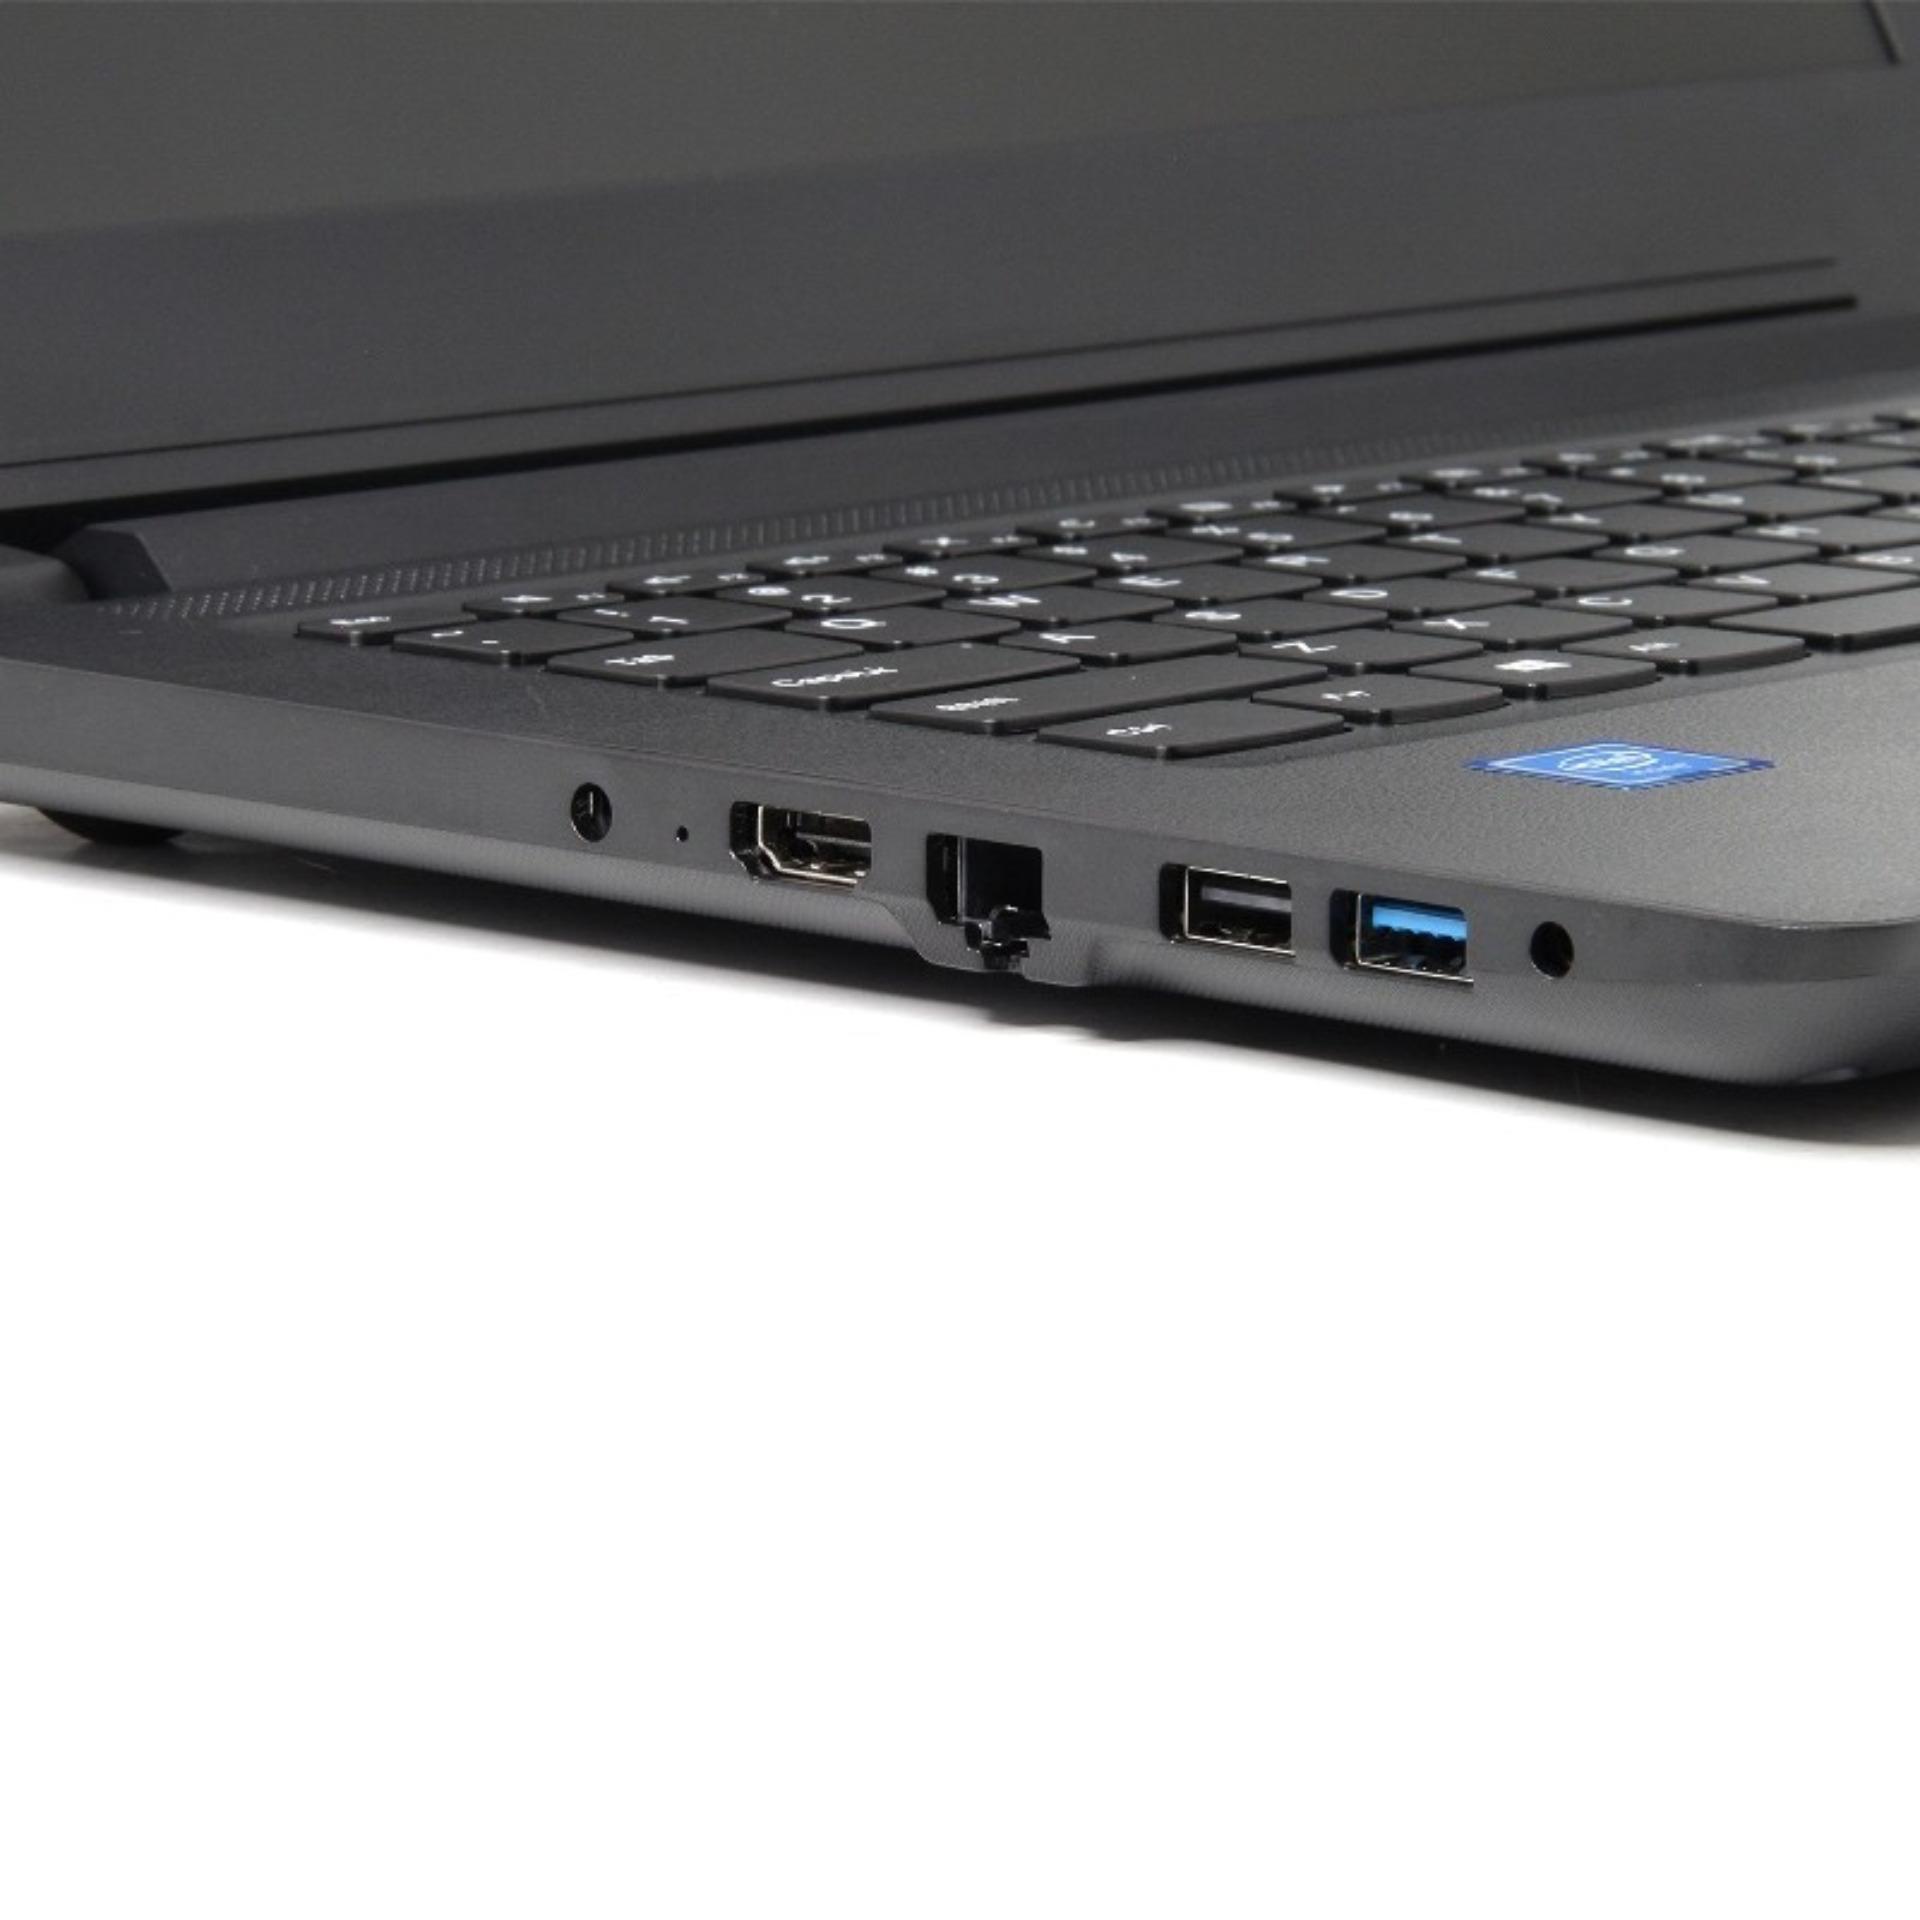 Lenovo Ip110 I5 6200u4gb1tbdvdrwamd Radeon R5 M430 2gb14dos Daftar Ideapad 110 Amd A8 7410 Ram 4gb 1tb Hdd 2gb 156 Inch Hd Dos Black Laptop 14 Ip 14ibr Intel N3060